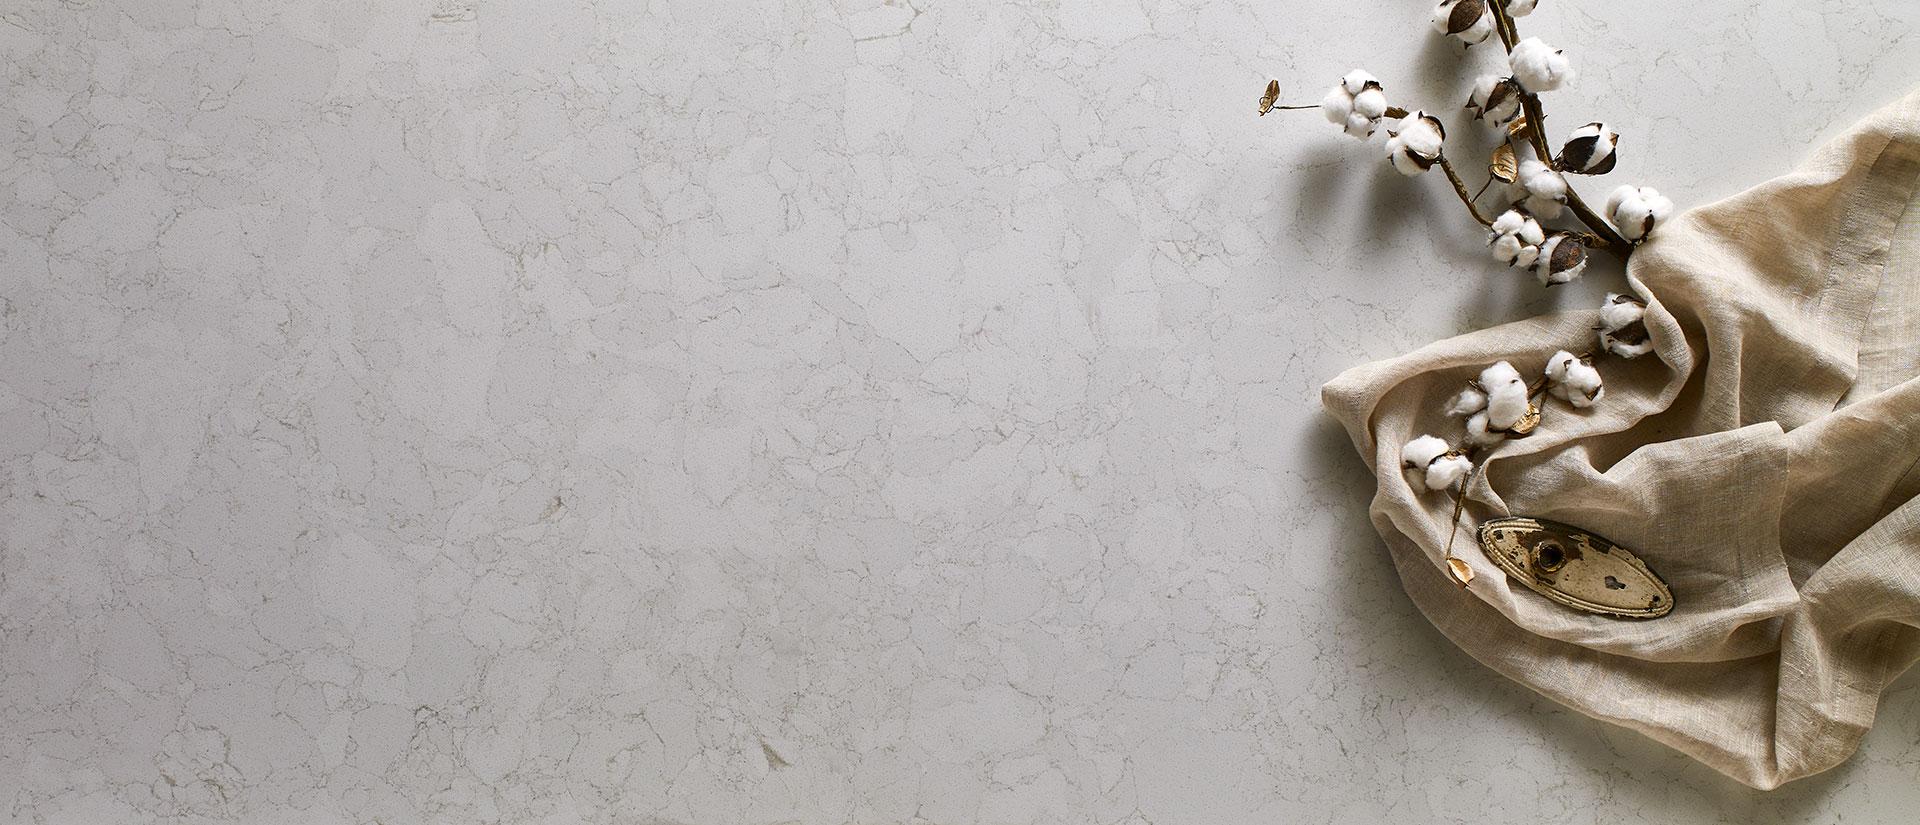 Marbella White Quartz Vignette